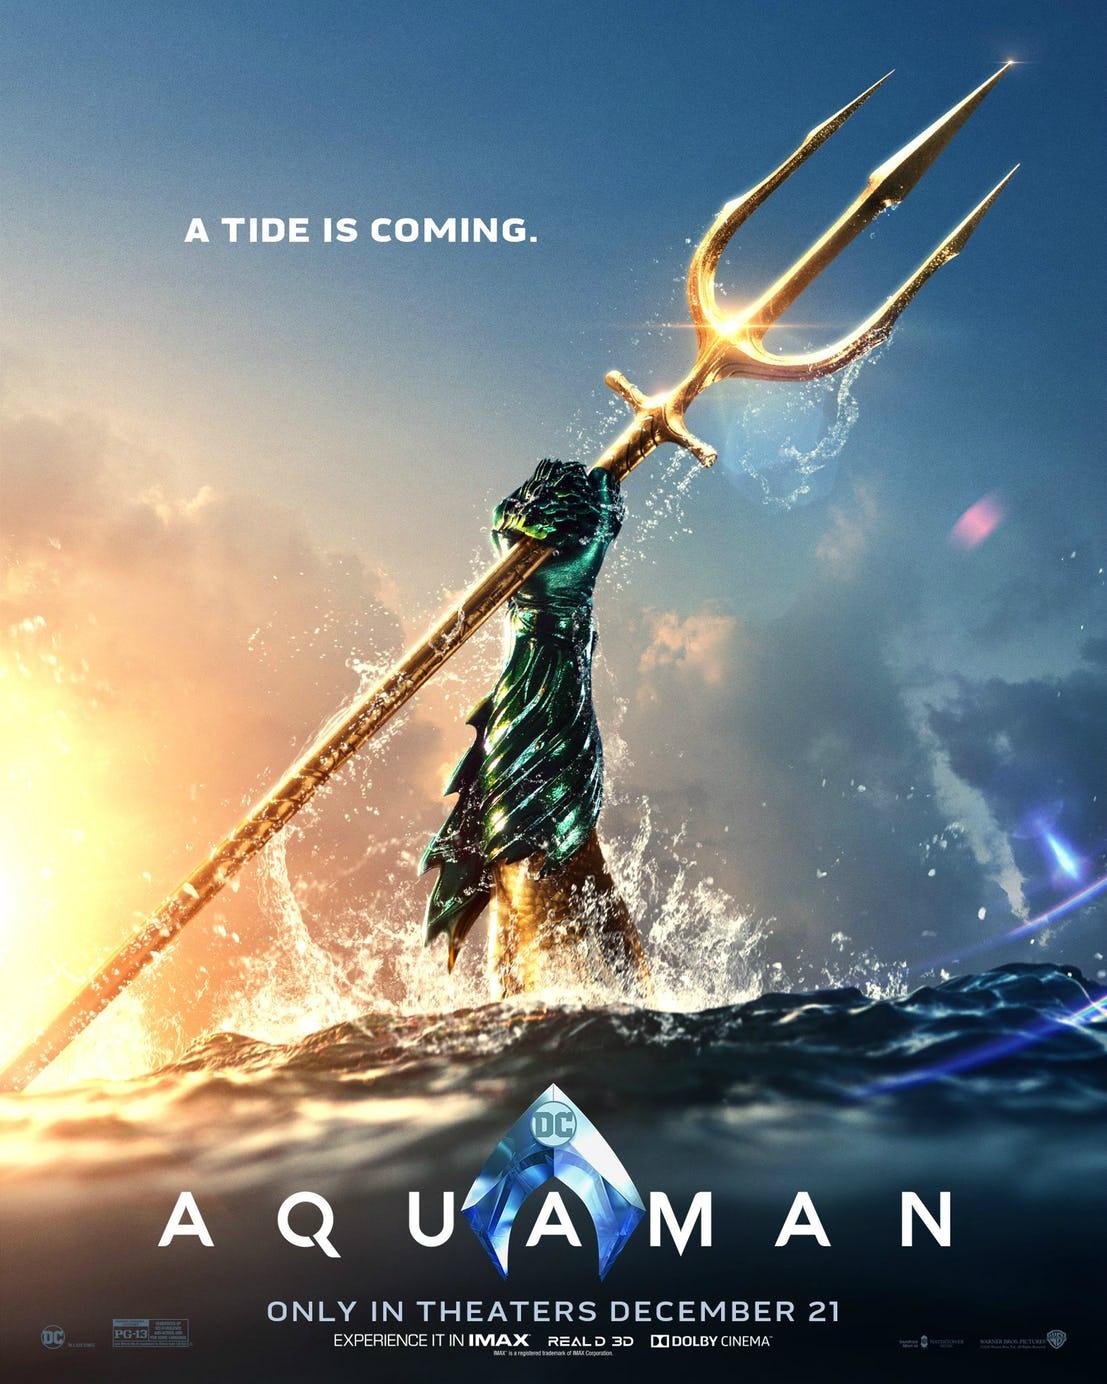 Aquaman projectnerd.it